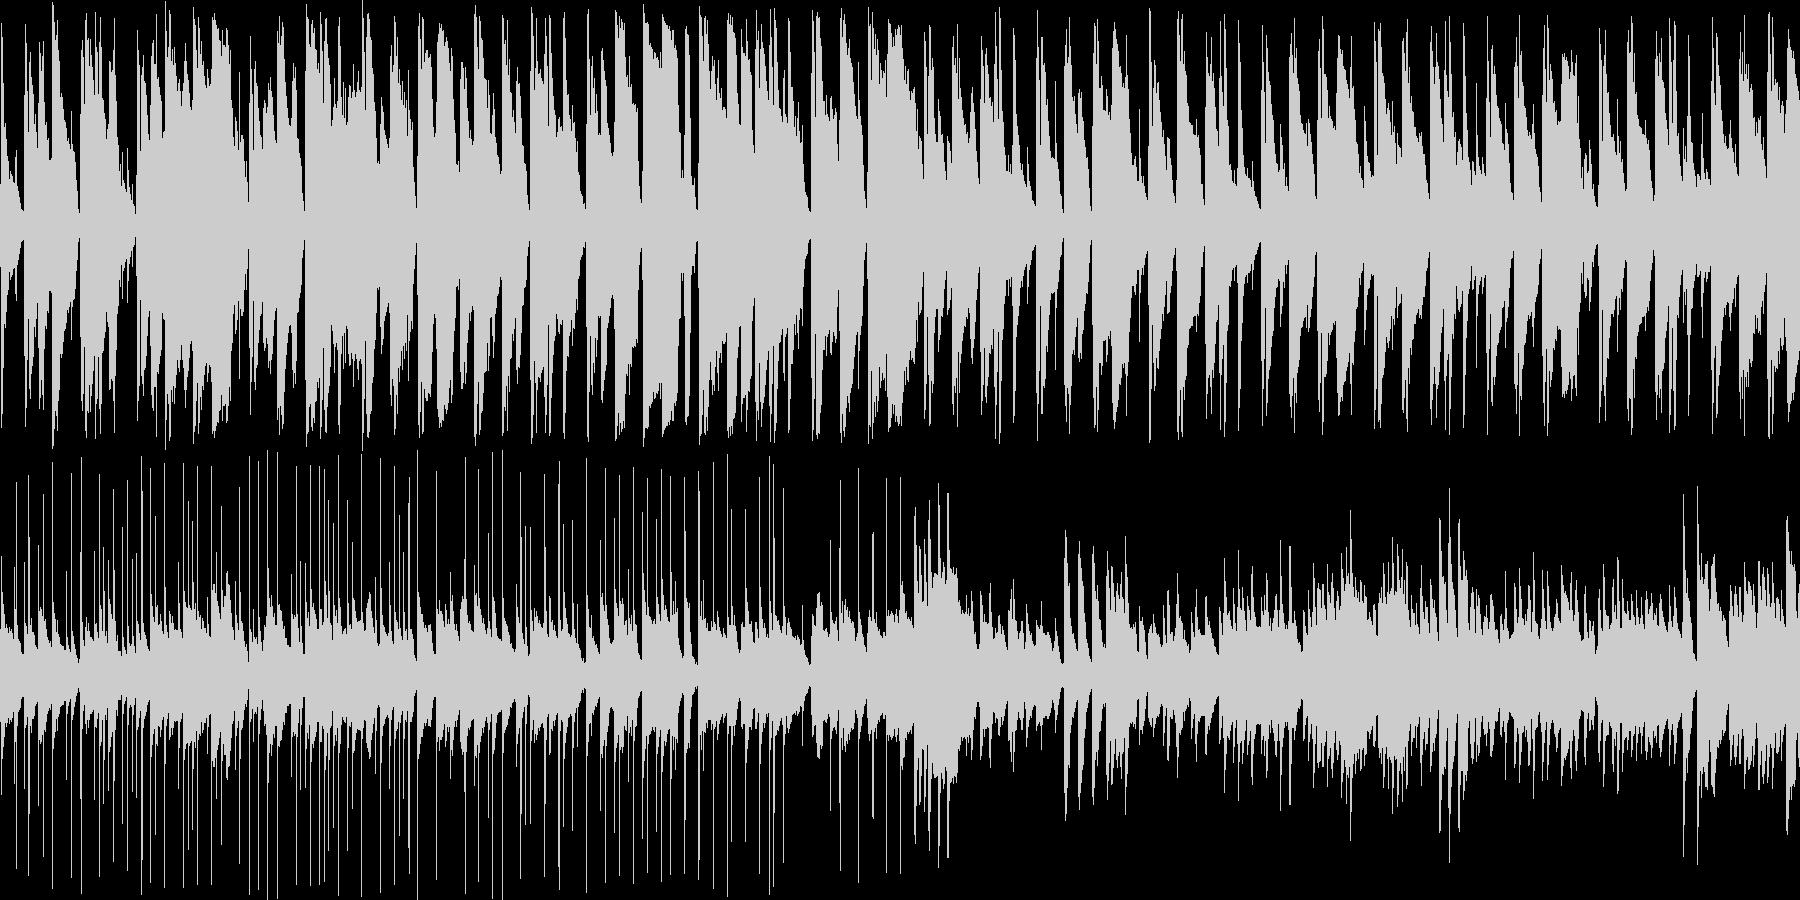 シンプルな構成の怪しくもおしゃれなジャズの未再生の波形